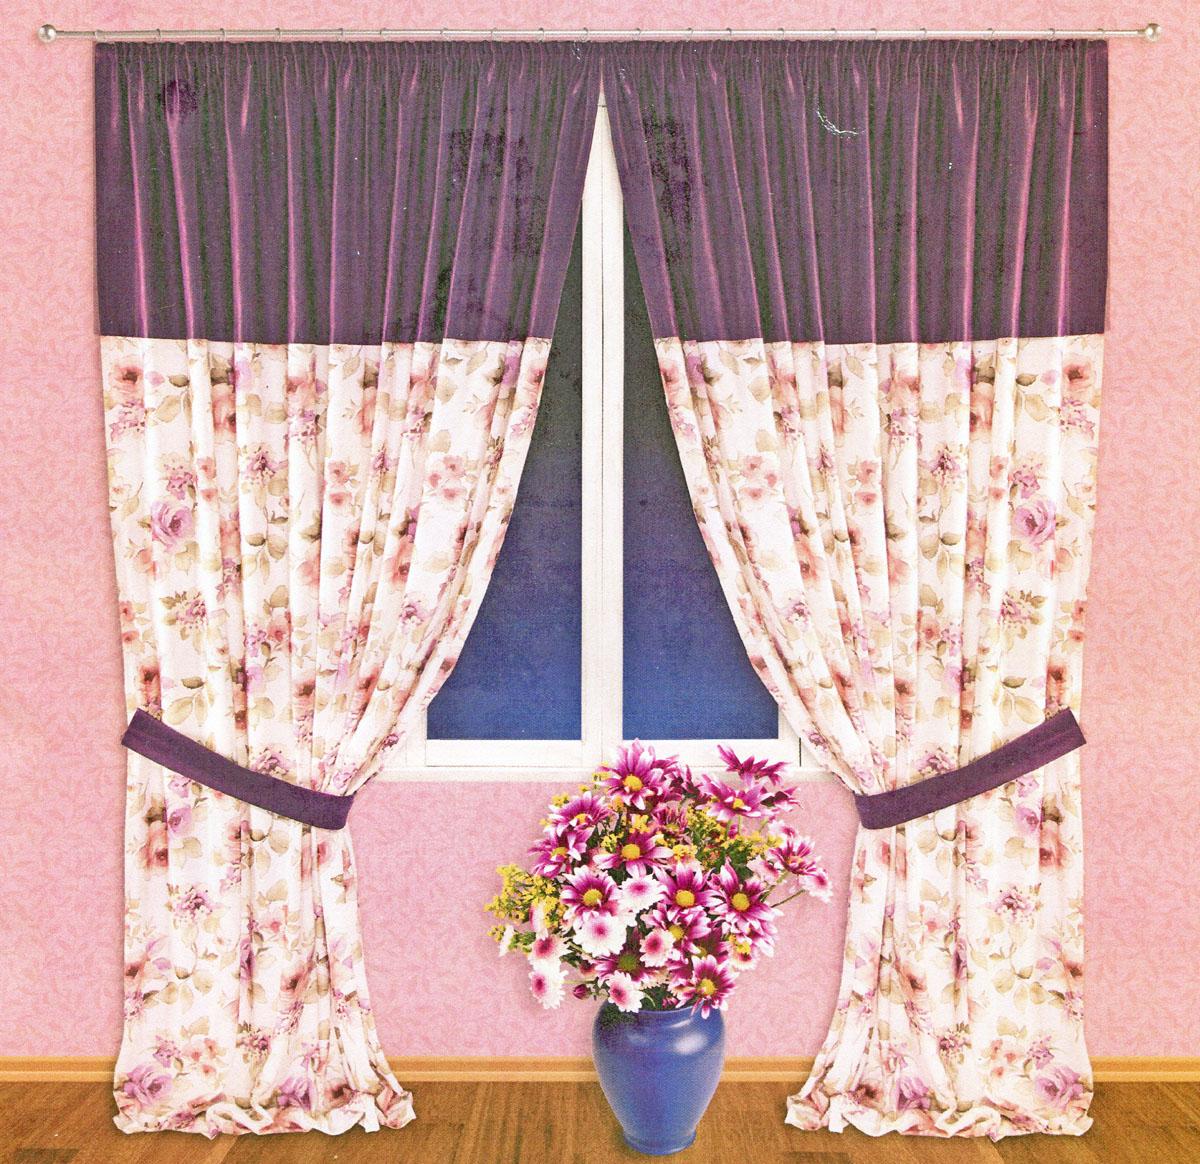 Комплект штор Zlata Korunka, на ленте, цвет: фиолетовый, высота 250 см. 5552055520Роскошный комплект тюлевых штор Zlata Korunka, выполненный из сатина (100% полиэстера), великолепно украсит любое окно. Комплект состоит из двух портьер и двух подхватов. Плотная ткань, цветочный принт и приятная, приглушенная гамма привлекут к себе внимание и органично впишутся в интерьер помещения. Комплект крепится на карниз при помощи шторной ленты, которая поможет красиво и равномерно задрапировать верх. Портьеры можно зафиксировать в одном положении с помощью двух подхватов. Этот комплект будет долгое время радовать вас и вашу семью! В комплект входит: Портьера: 2 шт. Размер (ШхВ): 200 см х 250 см. Подхват: 2 шт. Размер (ШхВ): 60 см х 10 см.